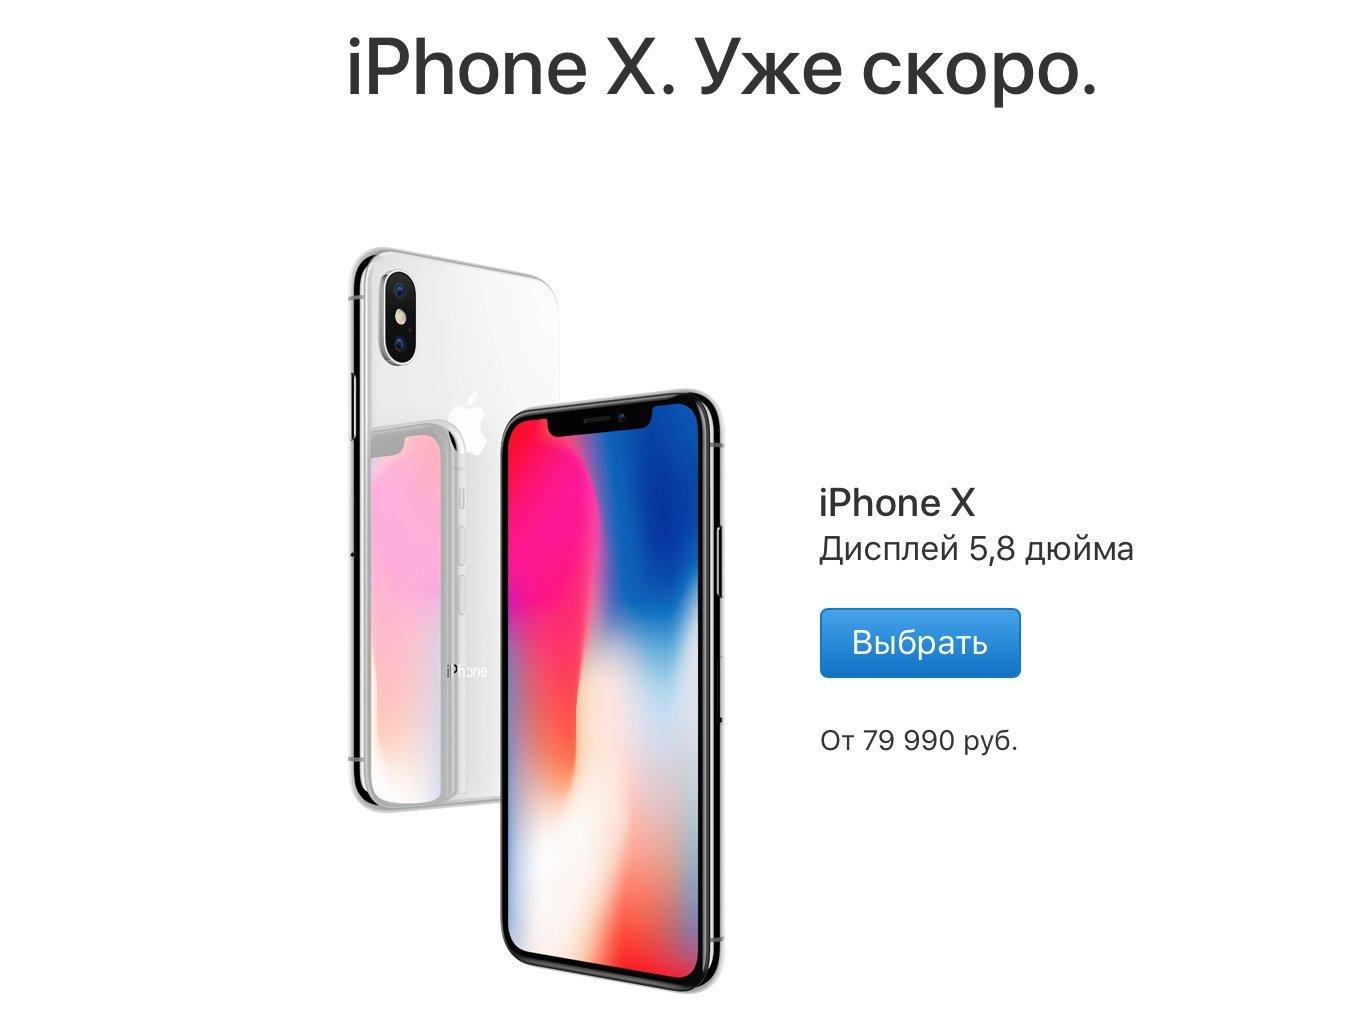 Во многих странах начальная цена iPhone X выше 1300 $